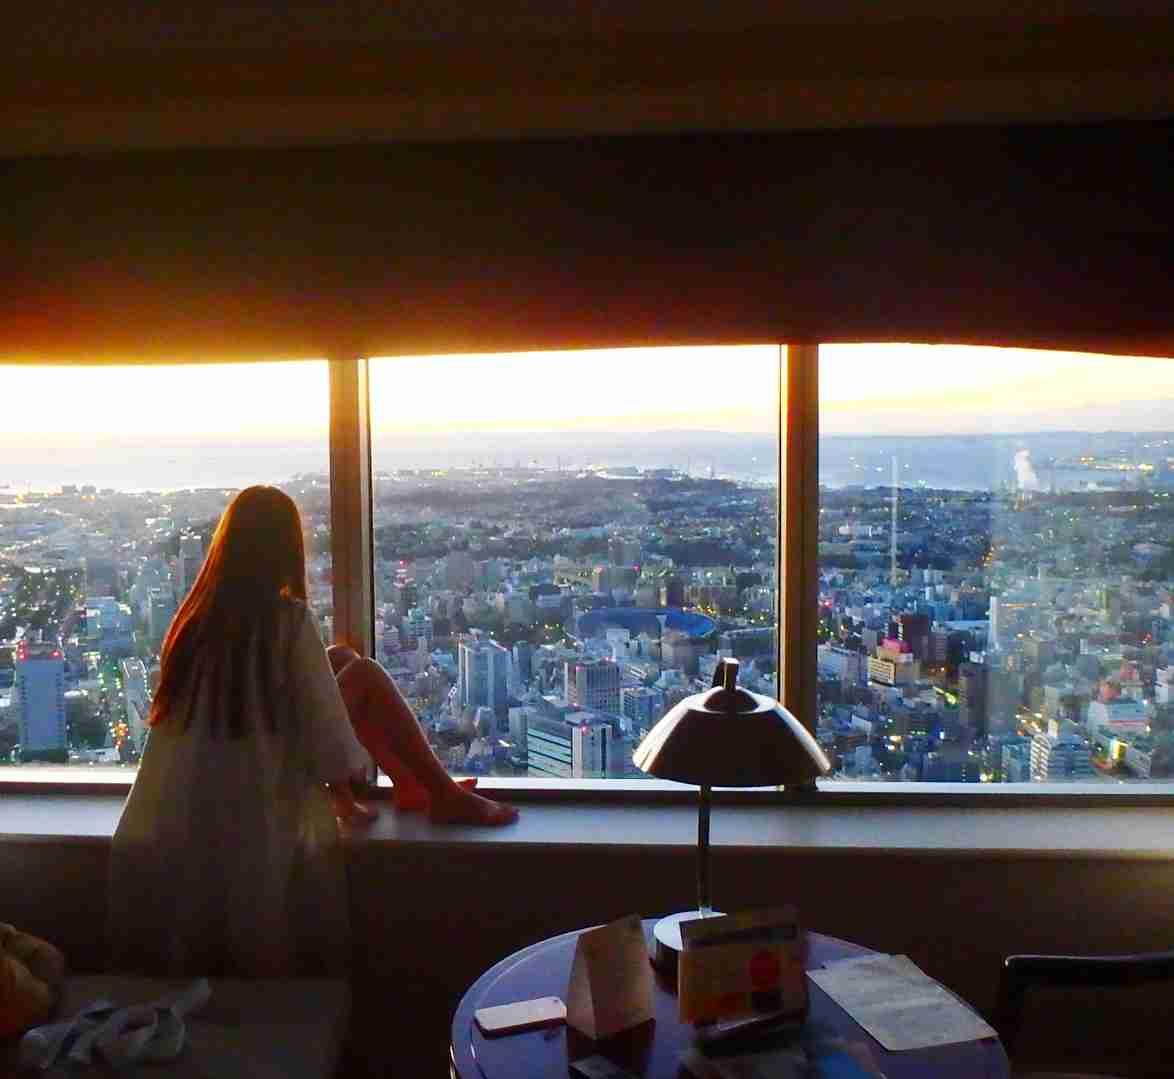 日本No. 1高層ホテル【横浜ロイヤルパークホテル】のクラブフロアに泊まってみた